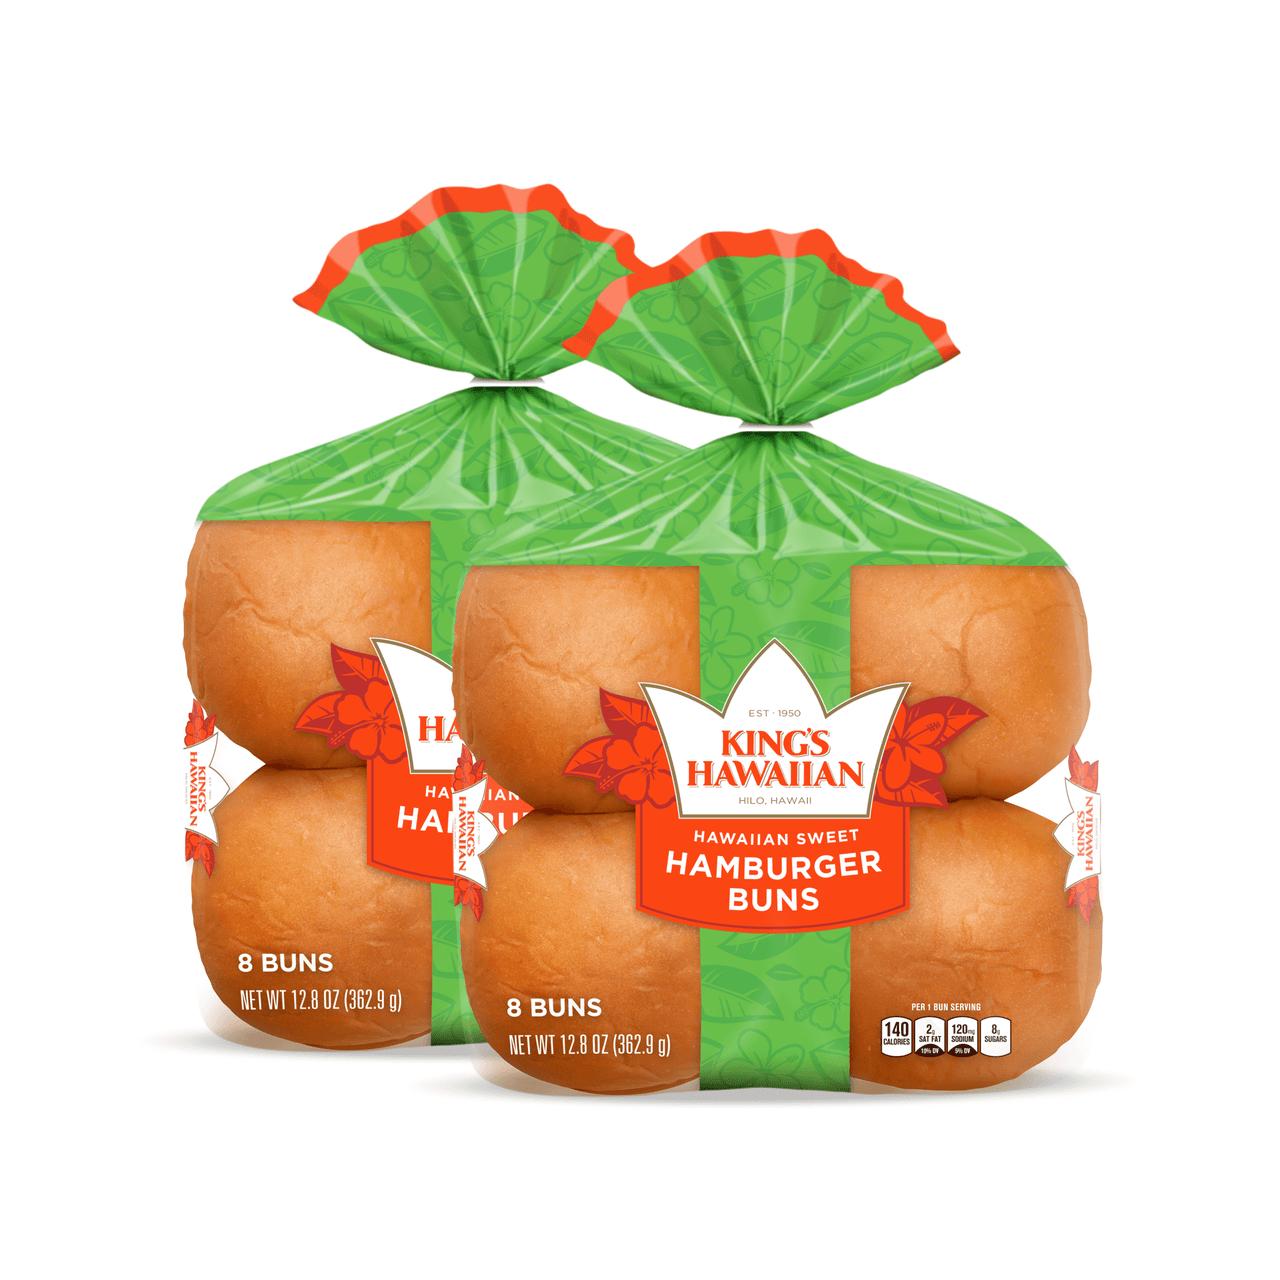 Original Hawaiian Sweet Hamburger Buns, 2 pack